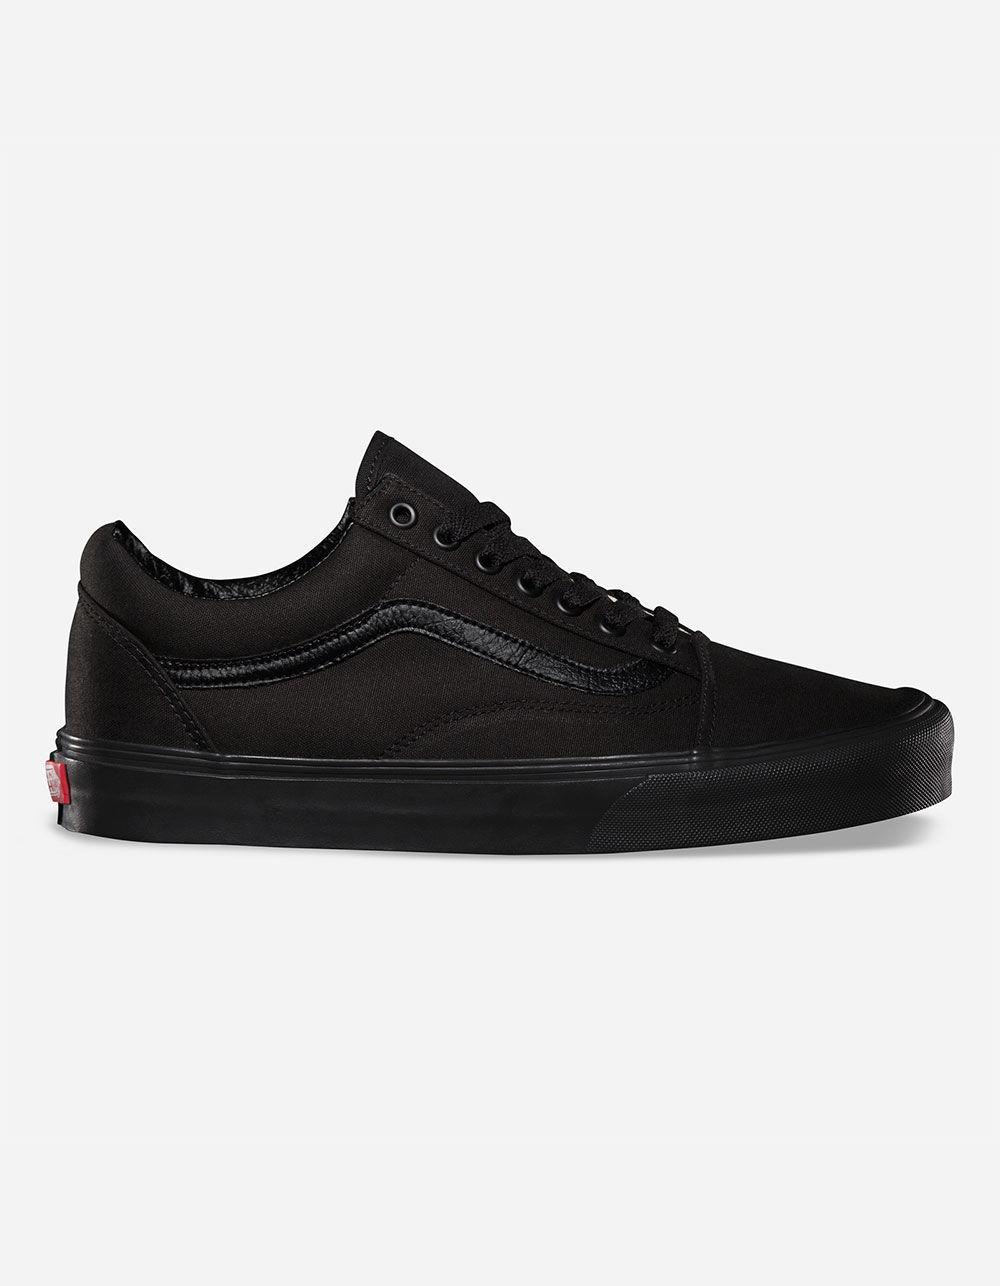 2542cfaaf8 Lyst - Vans Old Skool Black   Black Shoes in Black for Men